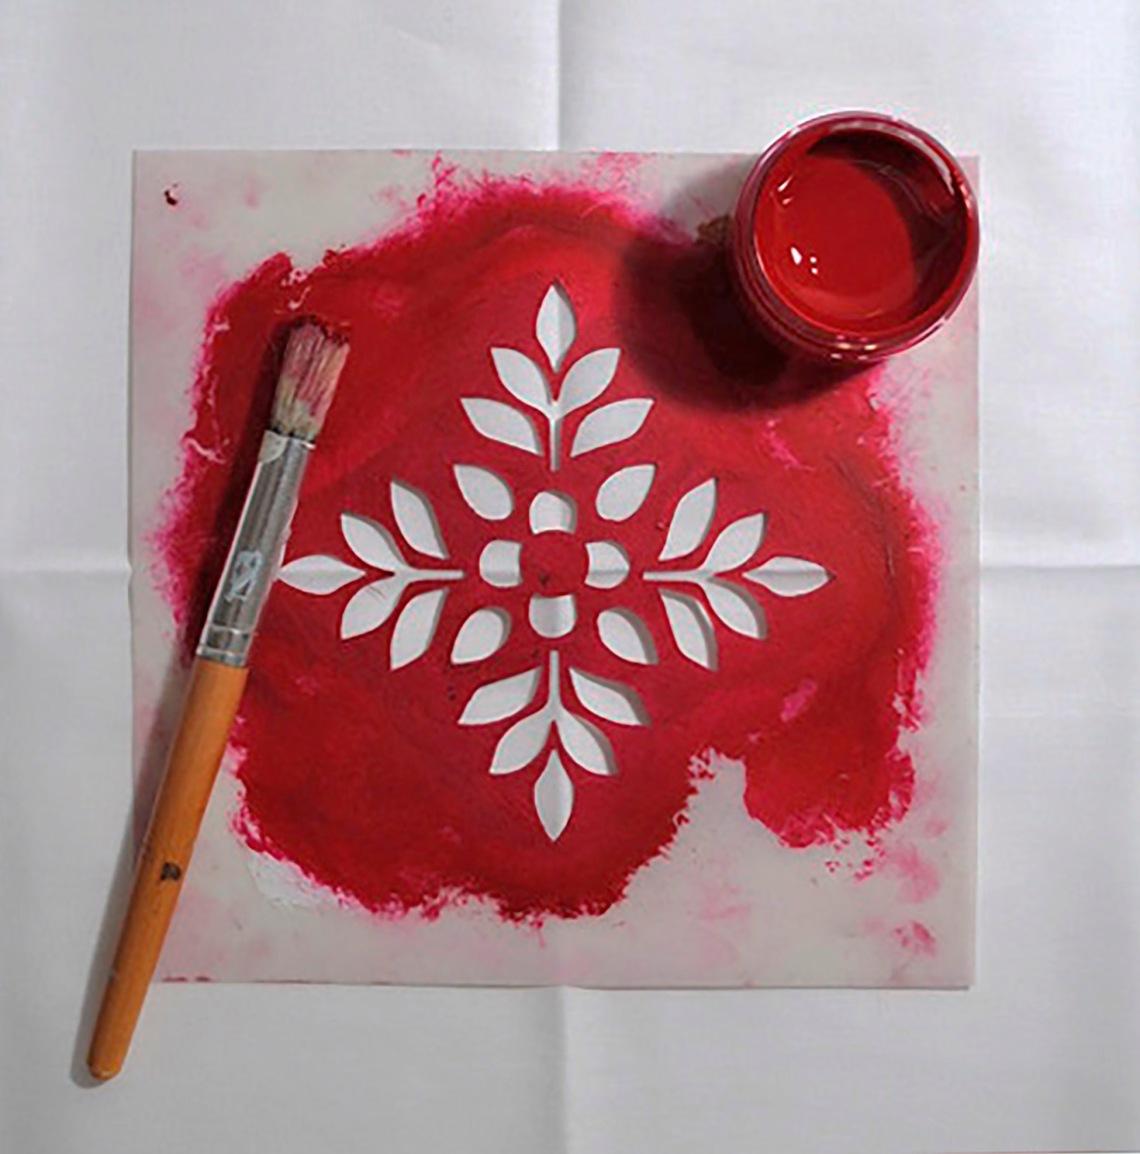 Samode stencil in use